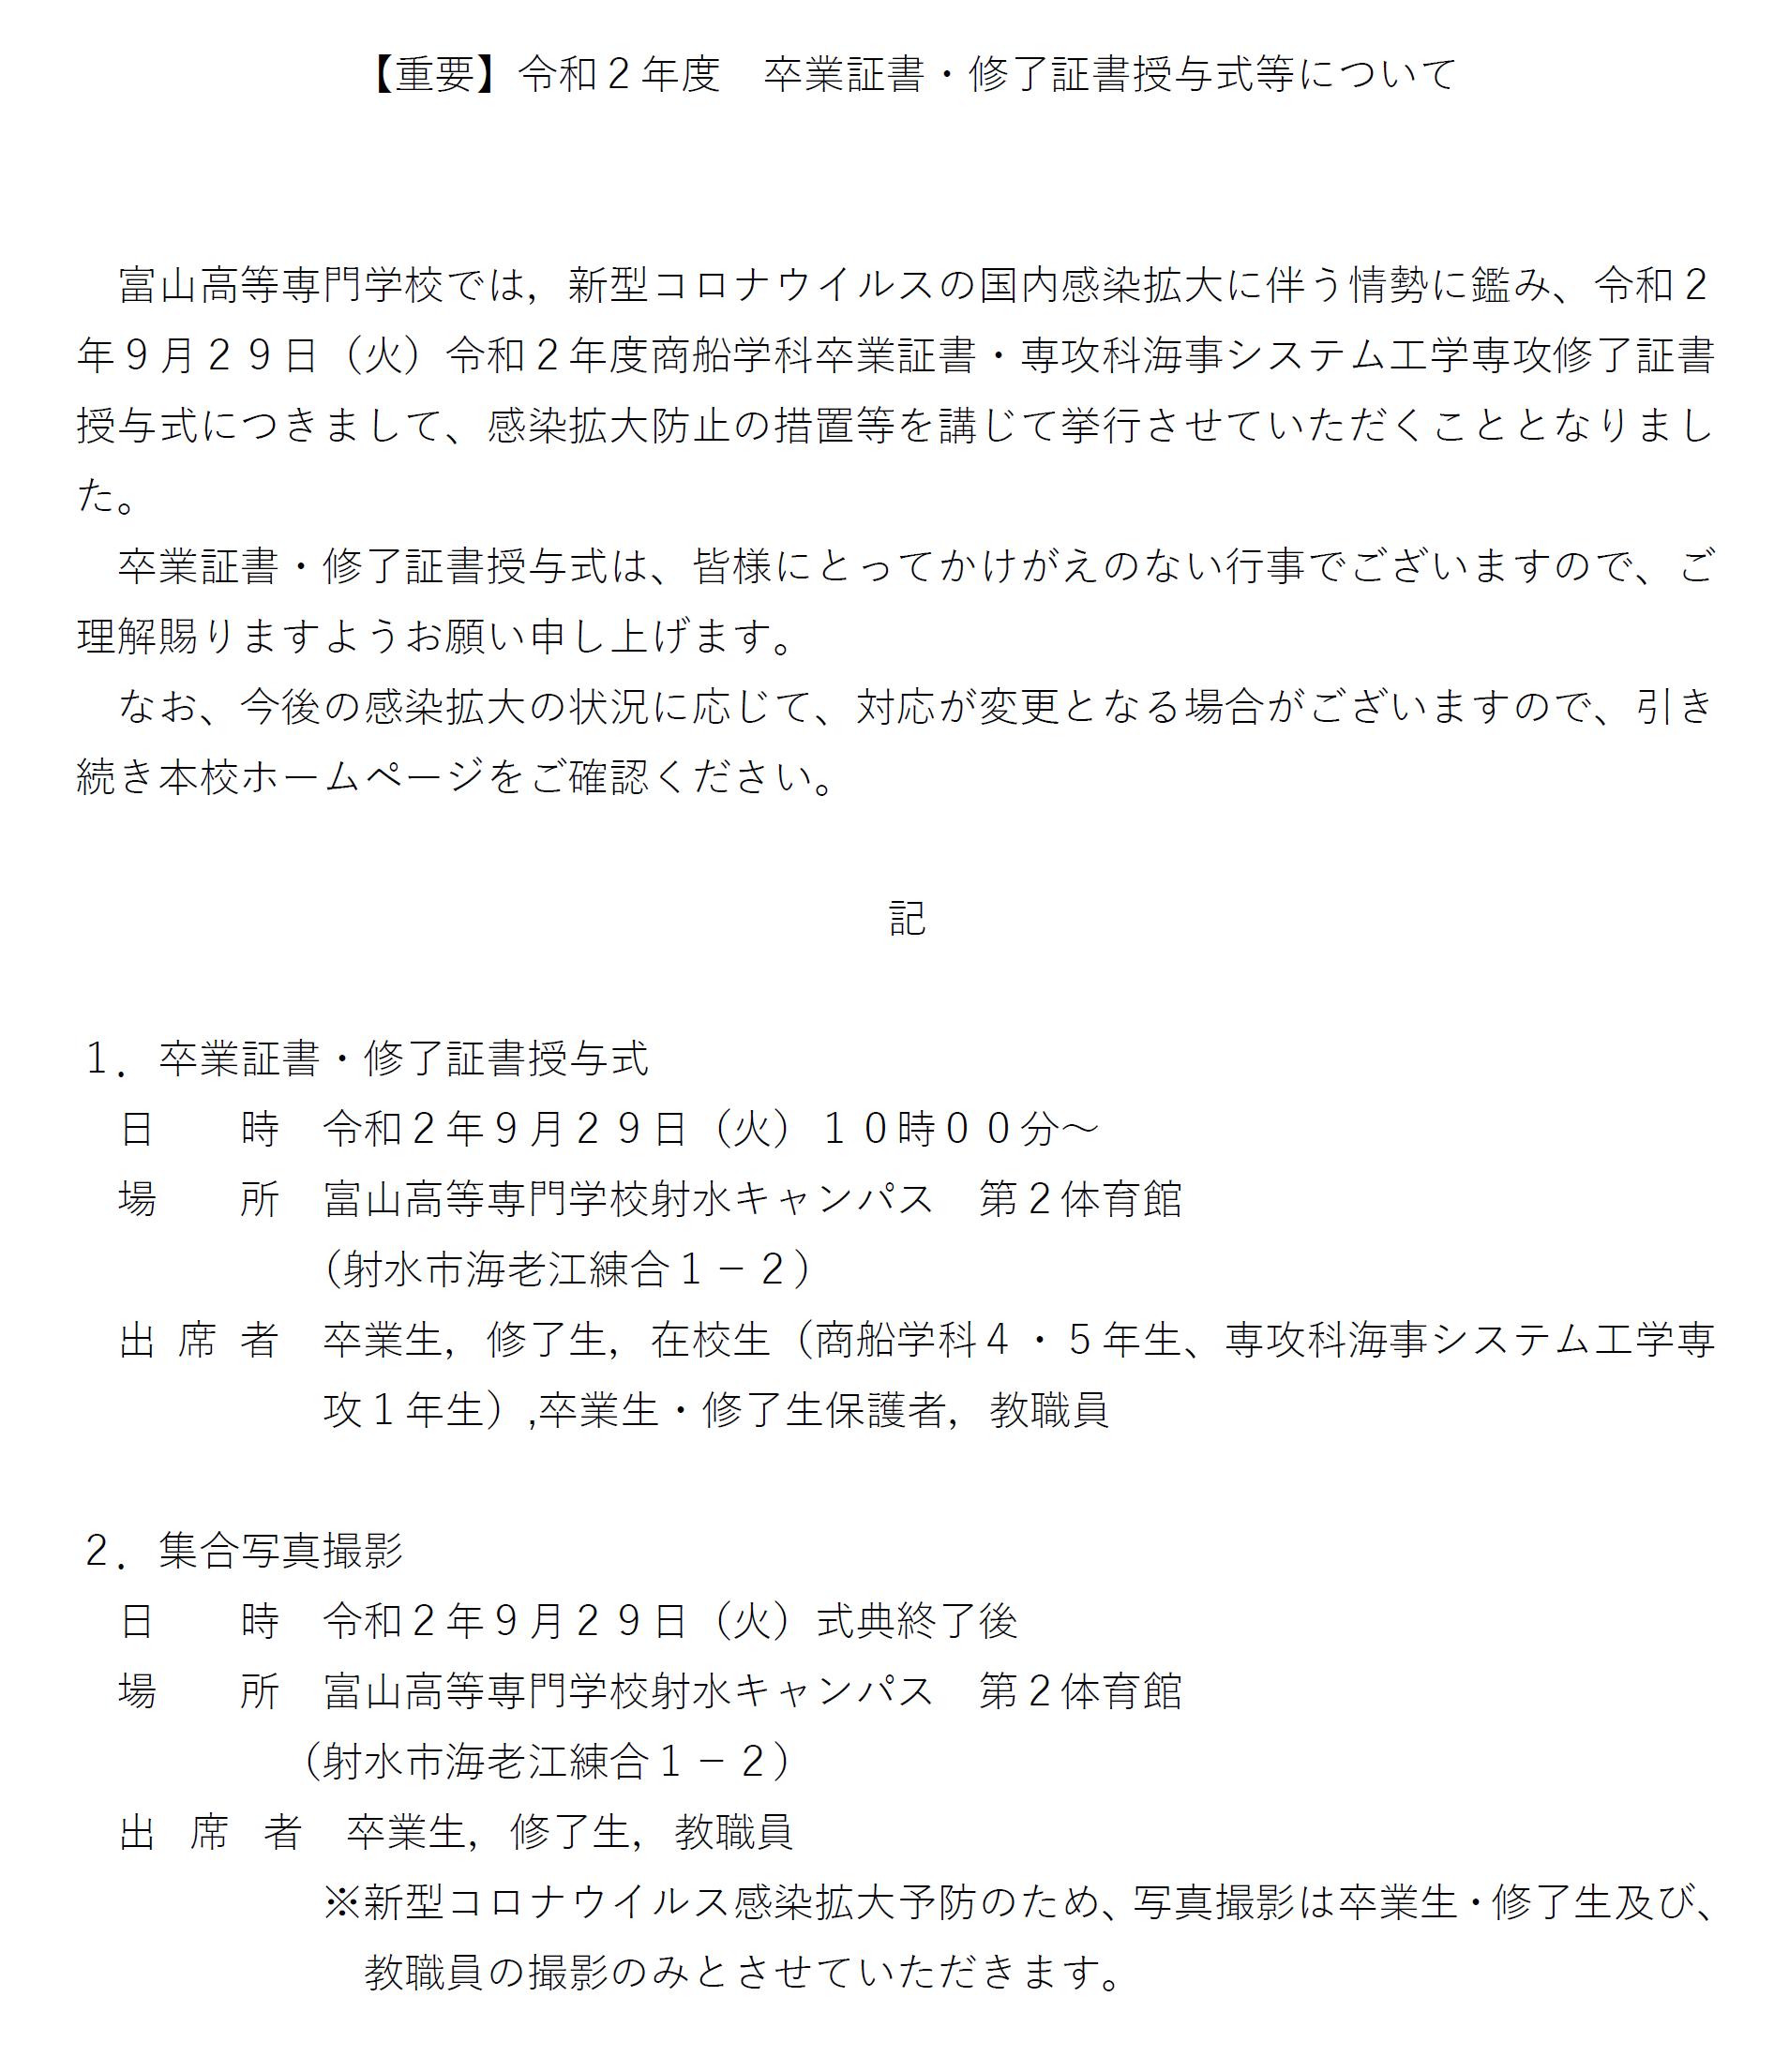 【重要】令和2年度 卒業証書・修了証書授与式等について